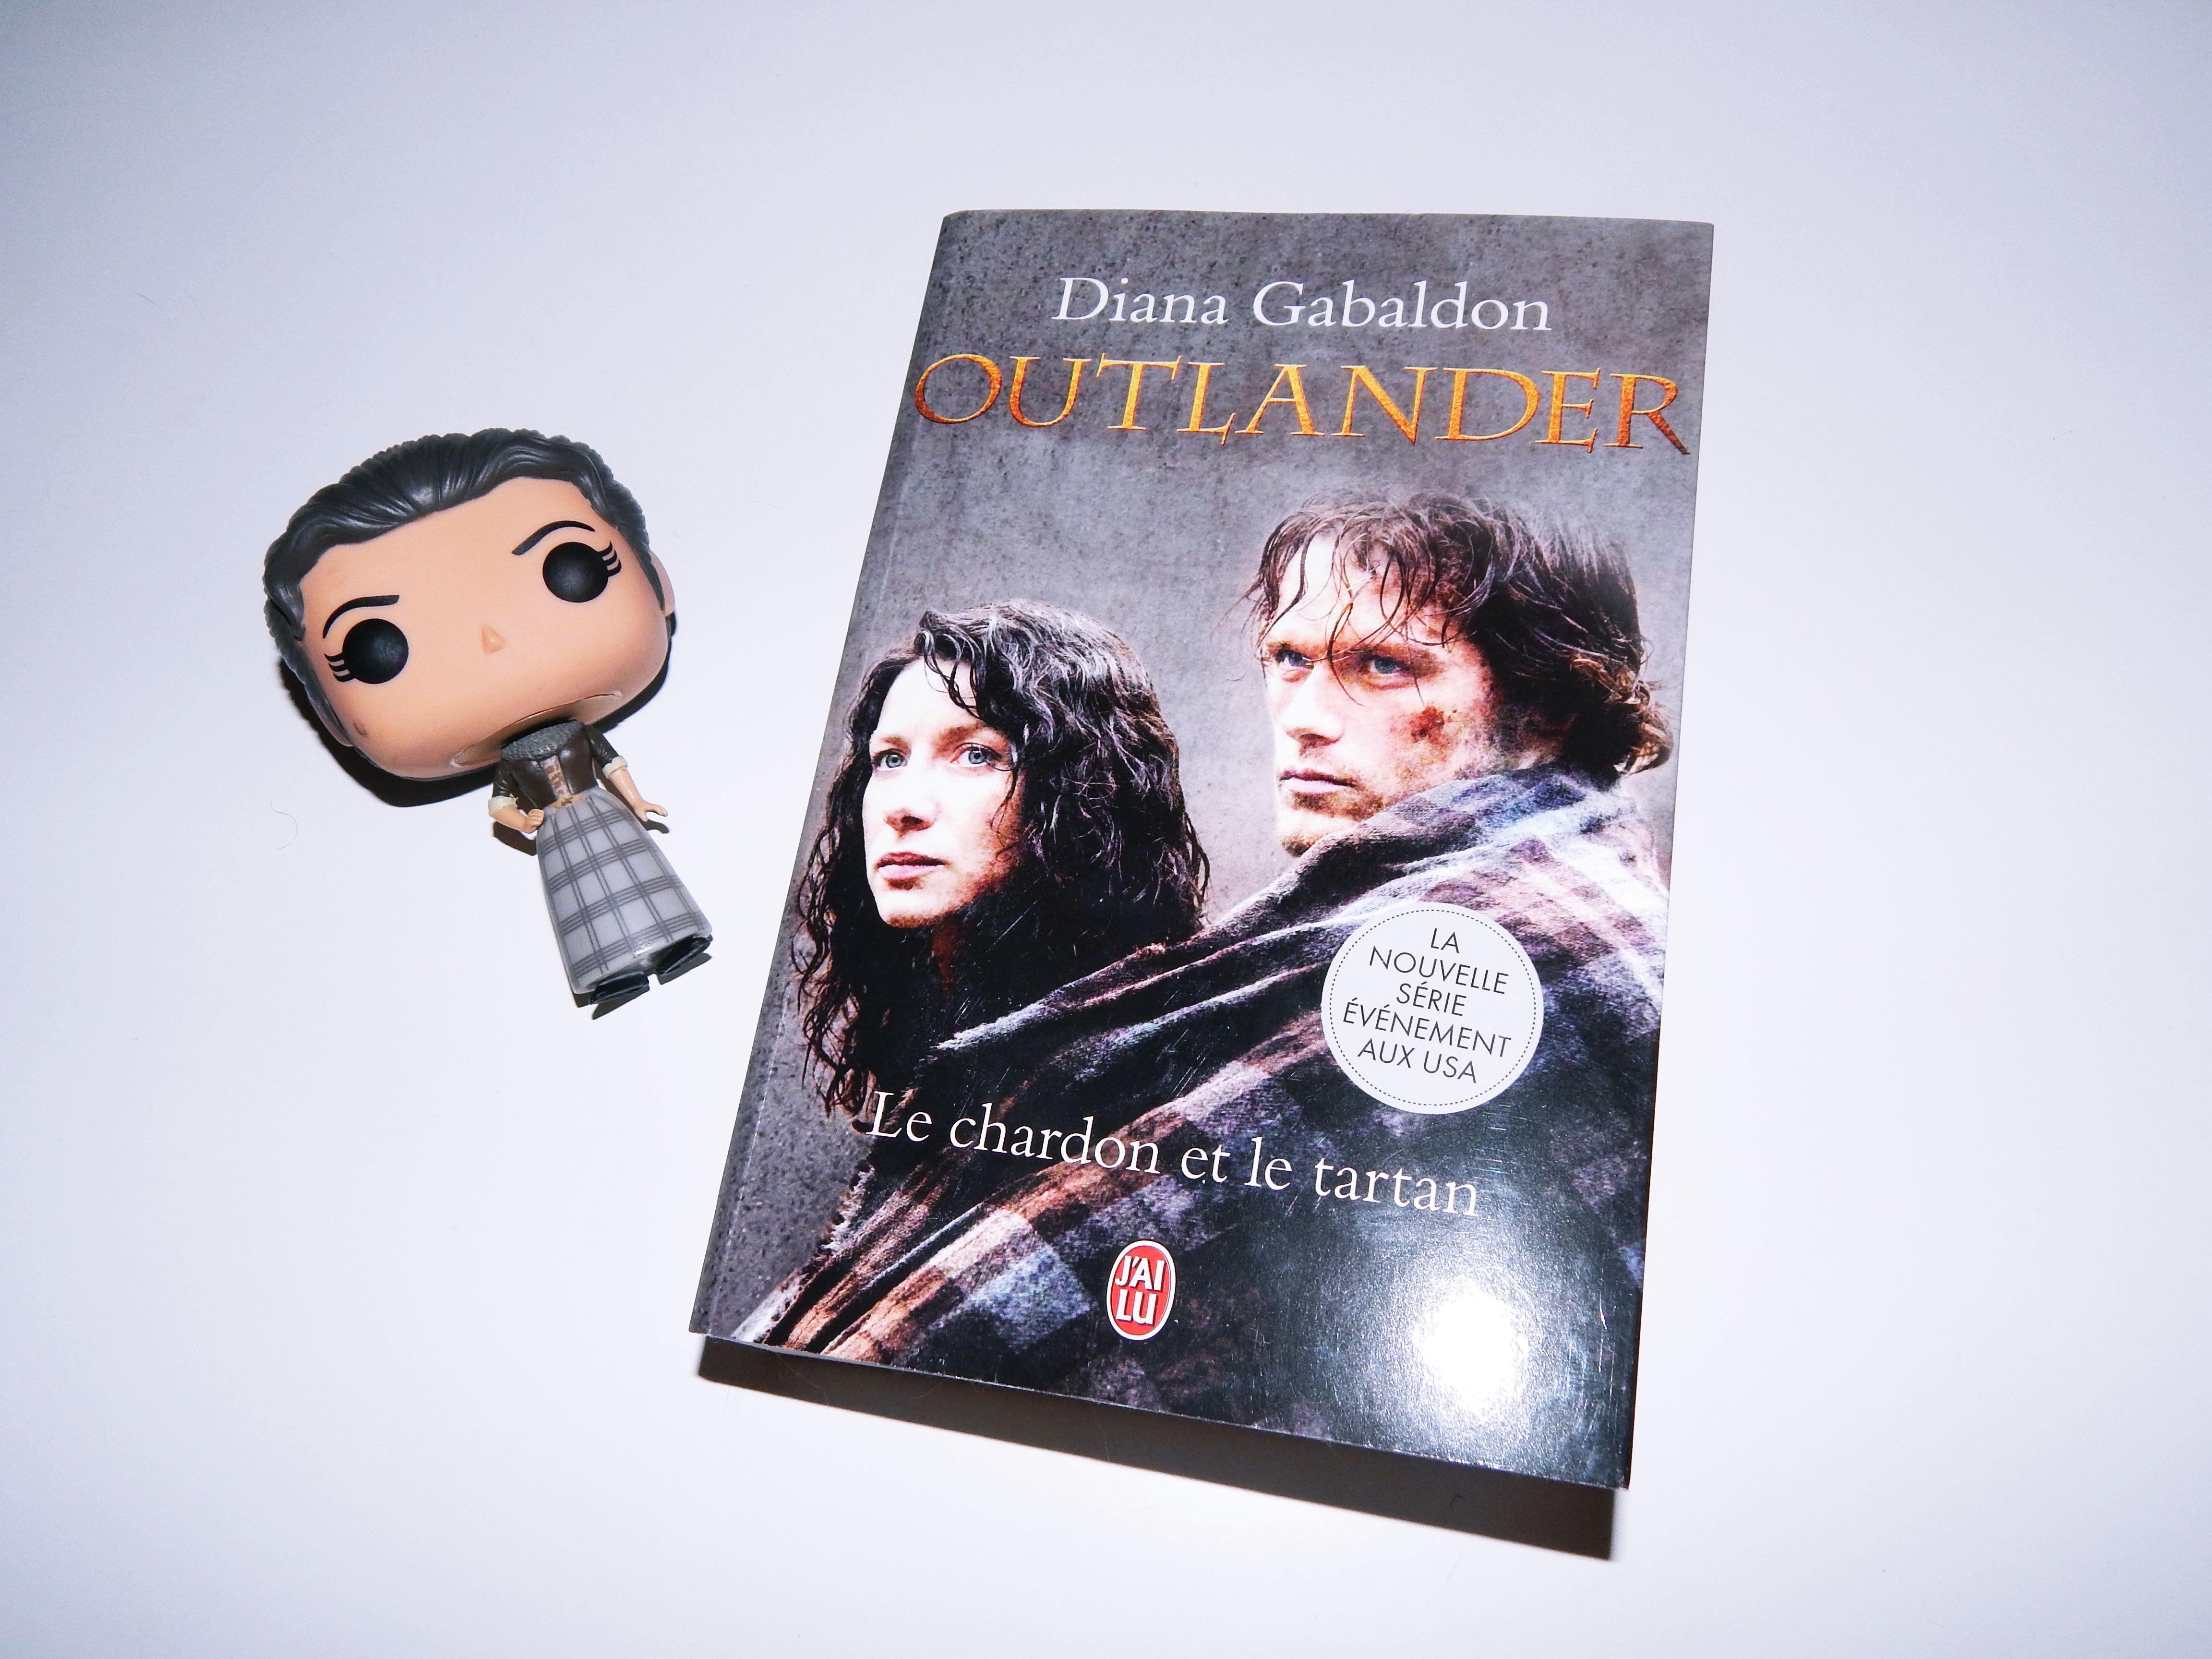 Outlander - Le chardon et le tartan - Diana Gabaldon